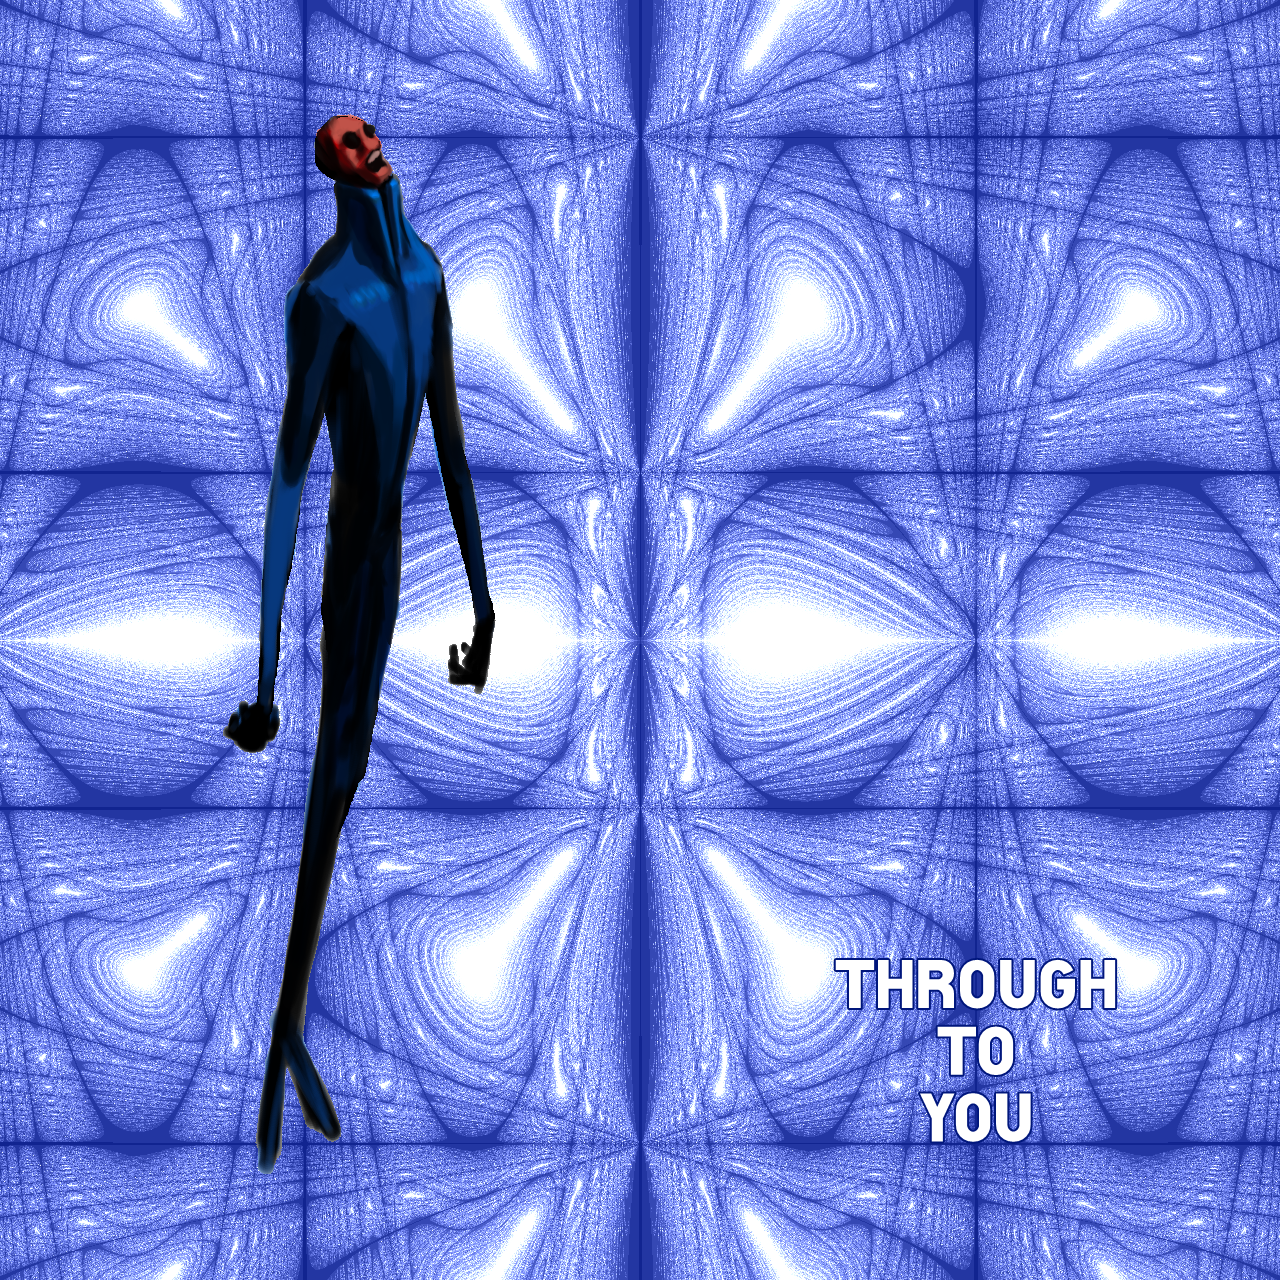 THROUGH TO YOU